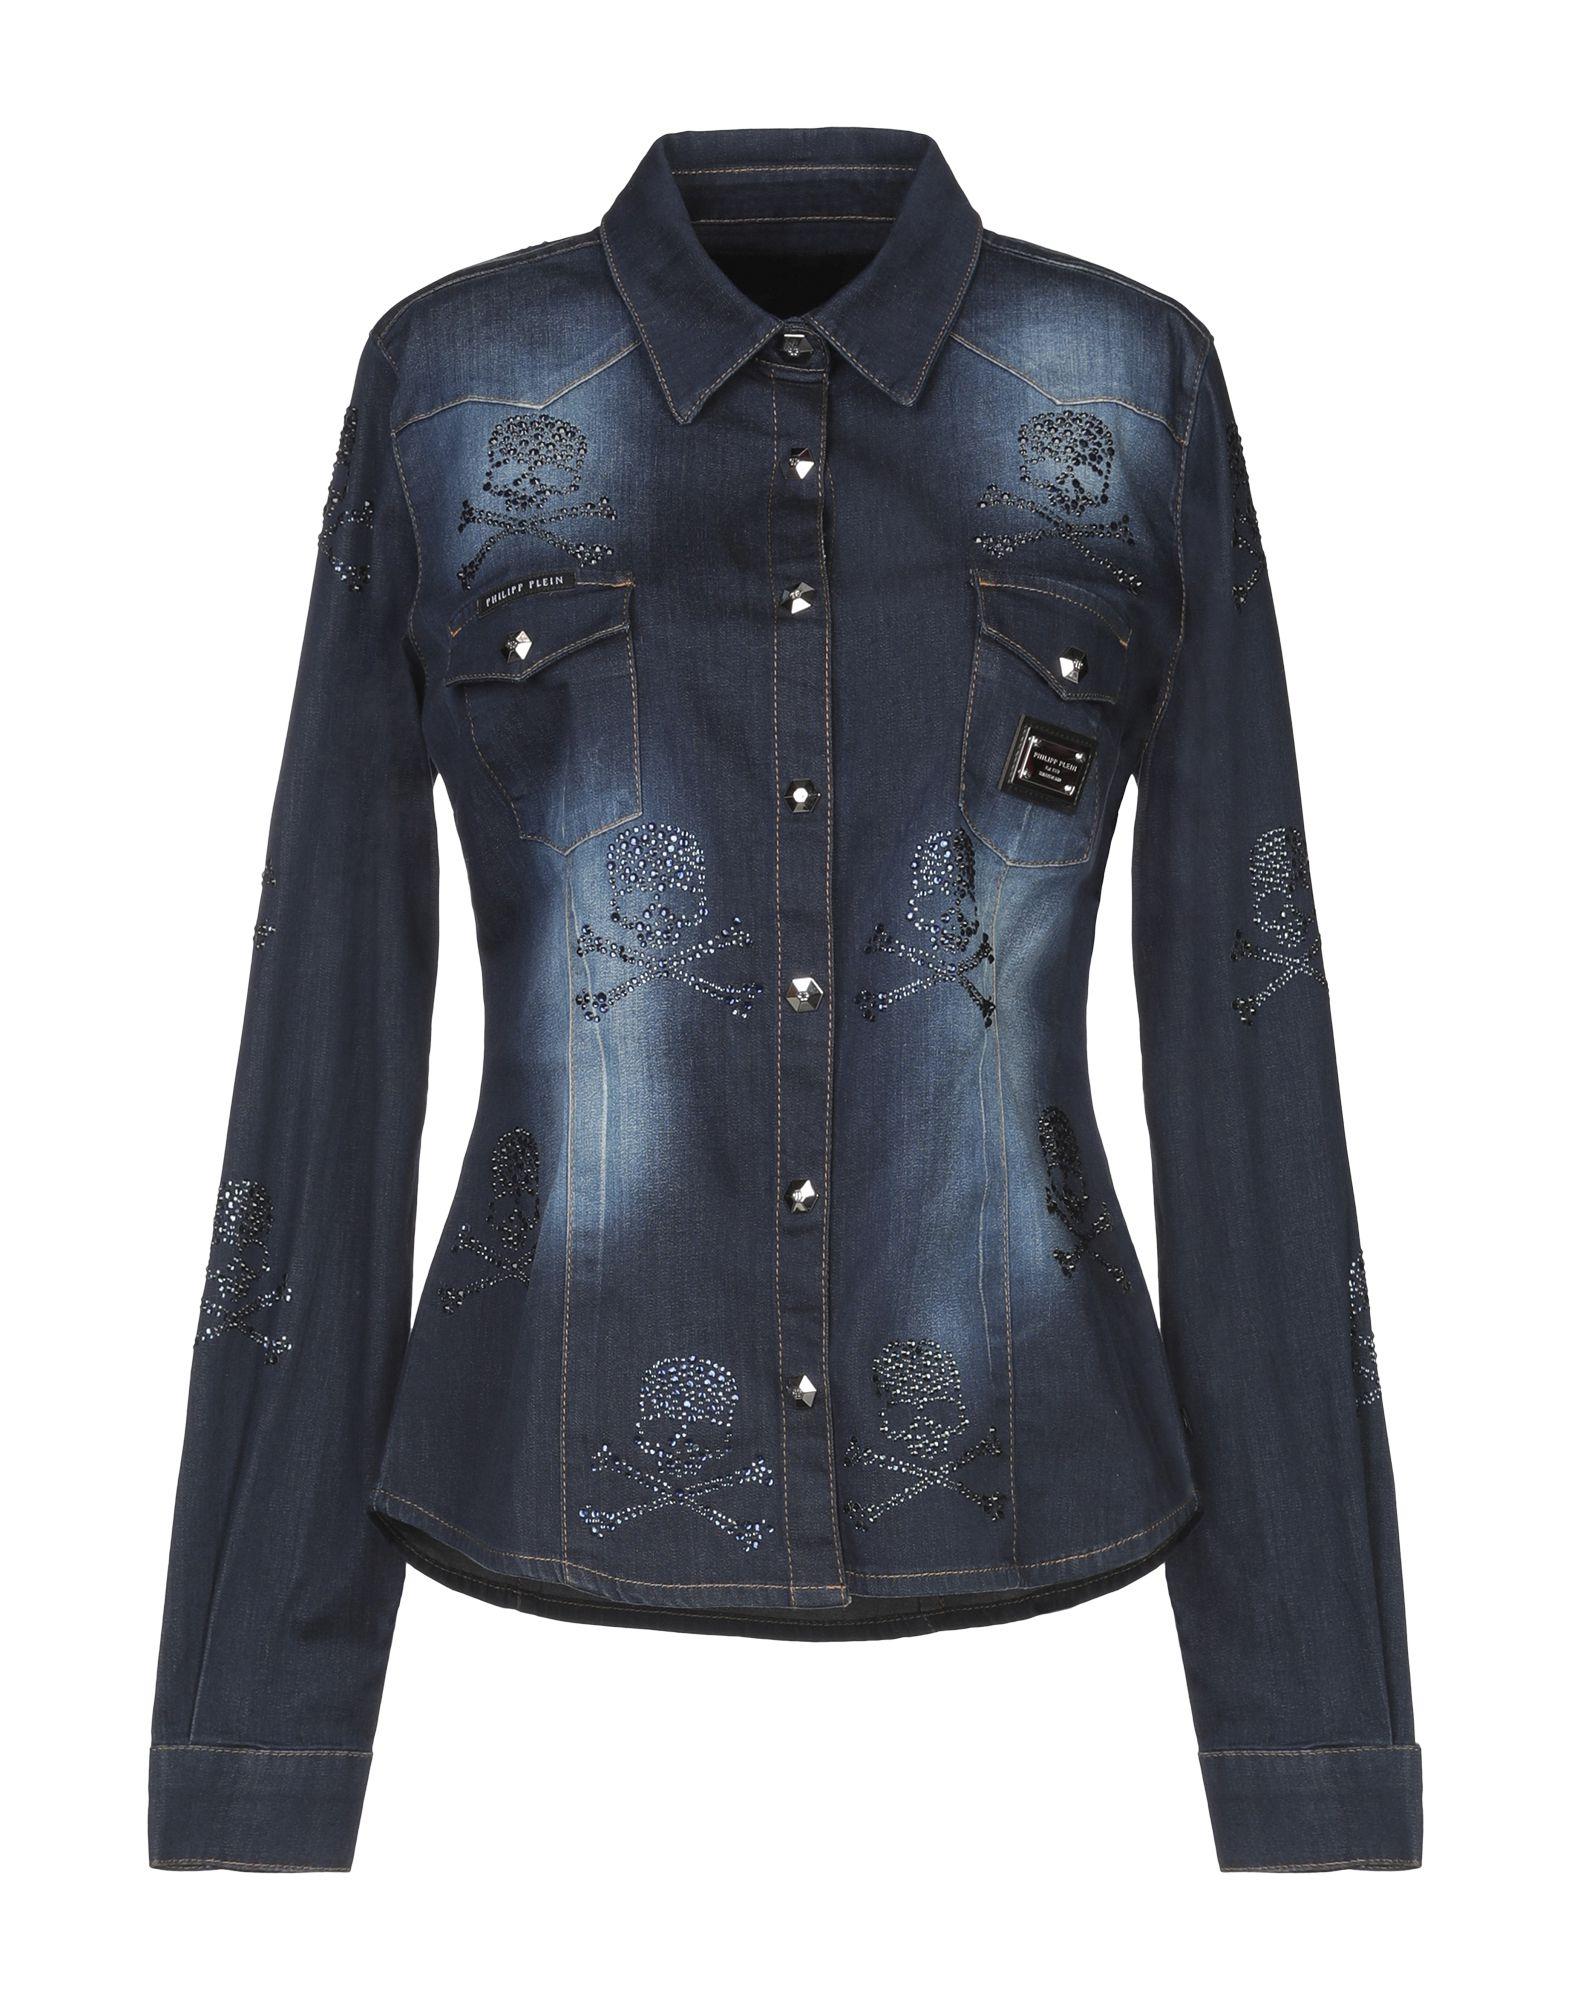 купить PHILIPP PLEIN Джинсовая рубашка по цене 26200 рублей